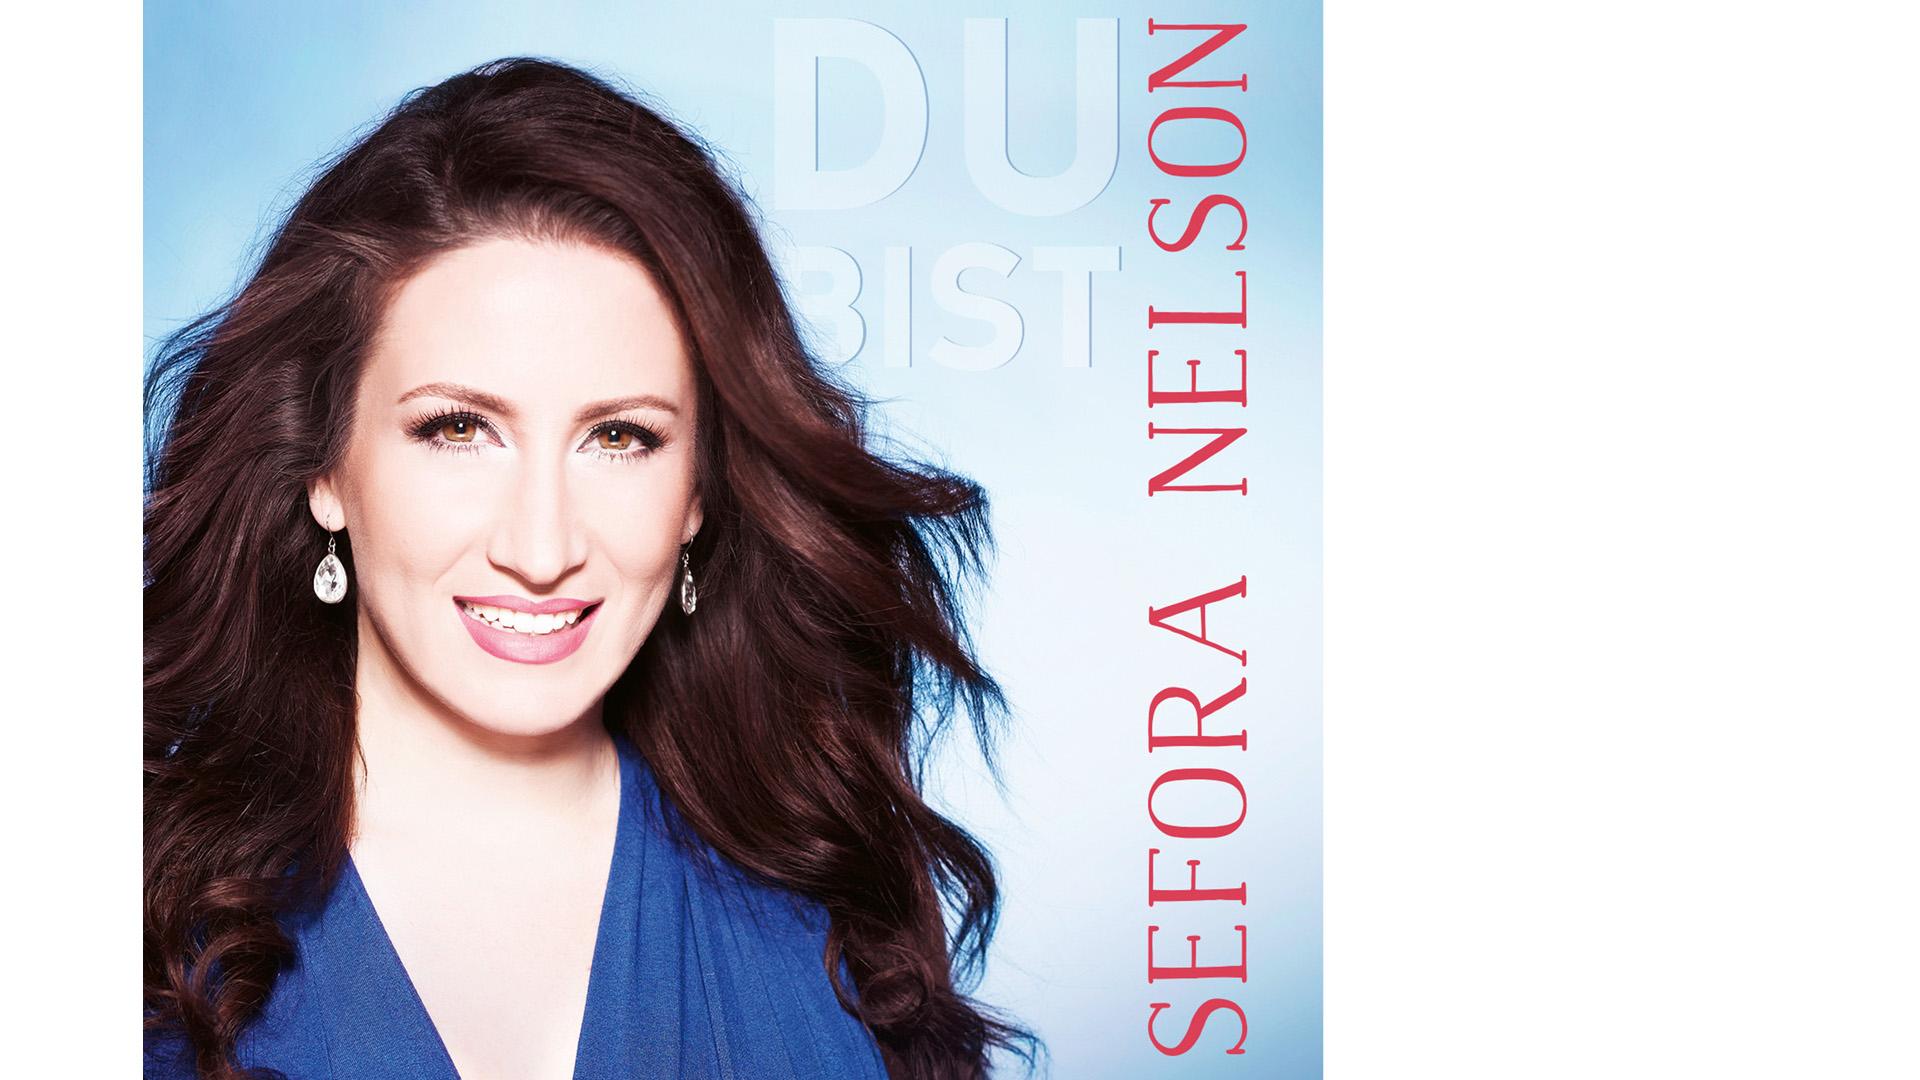 """Sefora Nelsons Album """"Du bist"""" erschien am 23. August"""